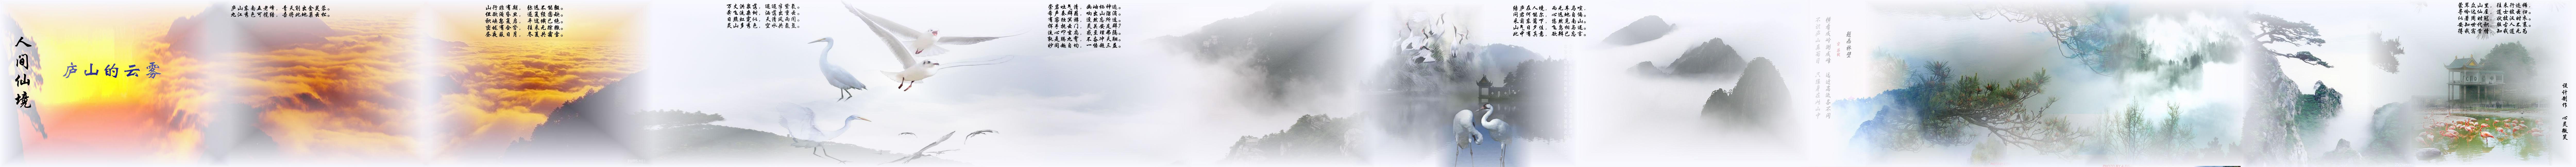 2009年8月10日 - 明眸 - 博客素材